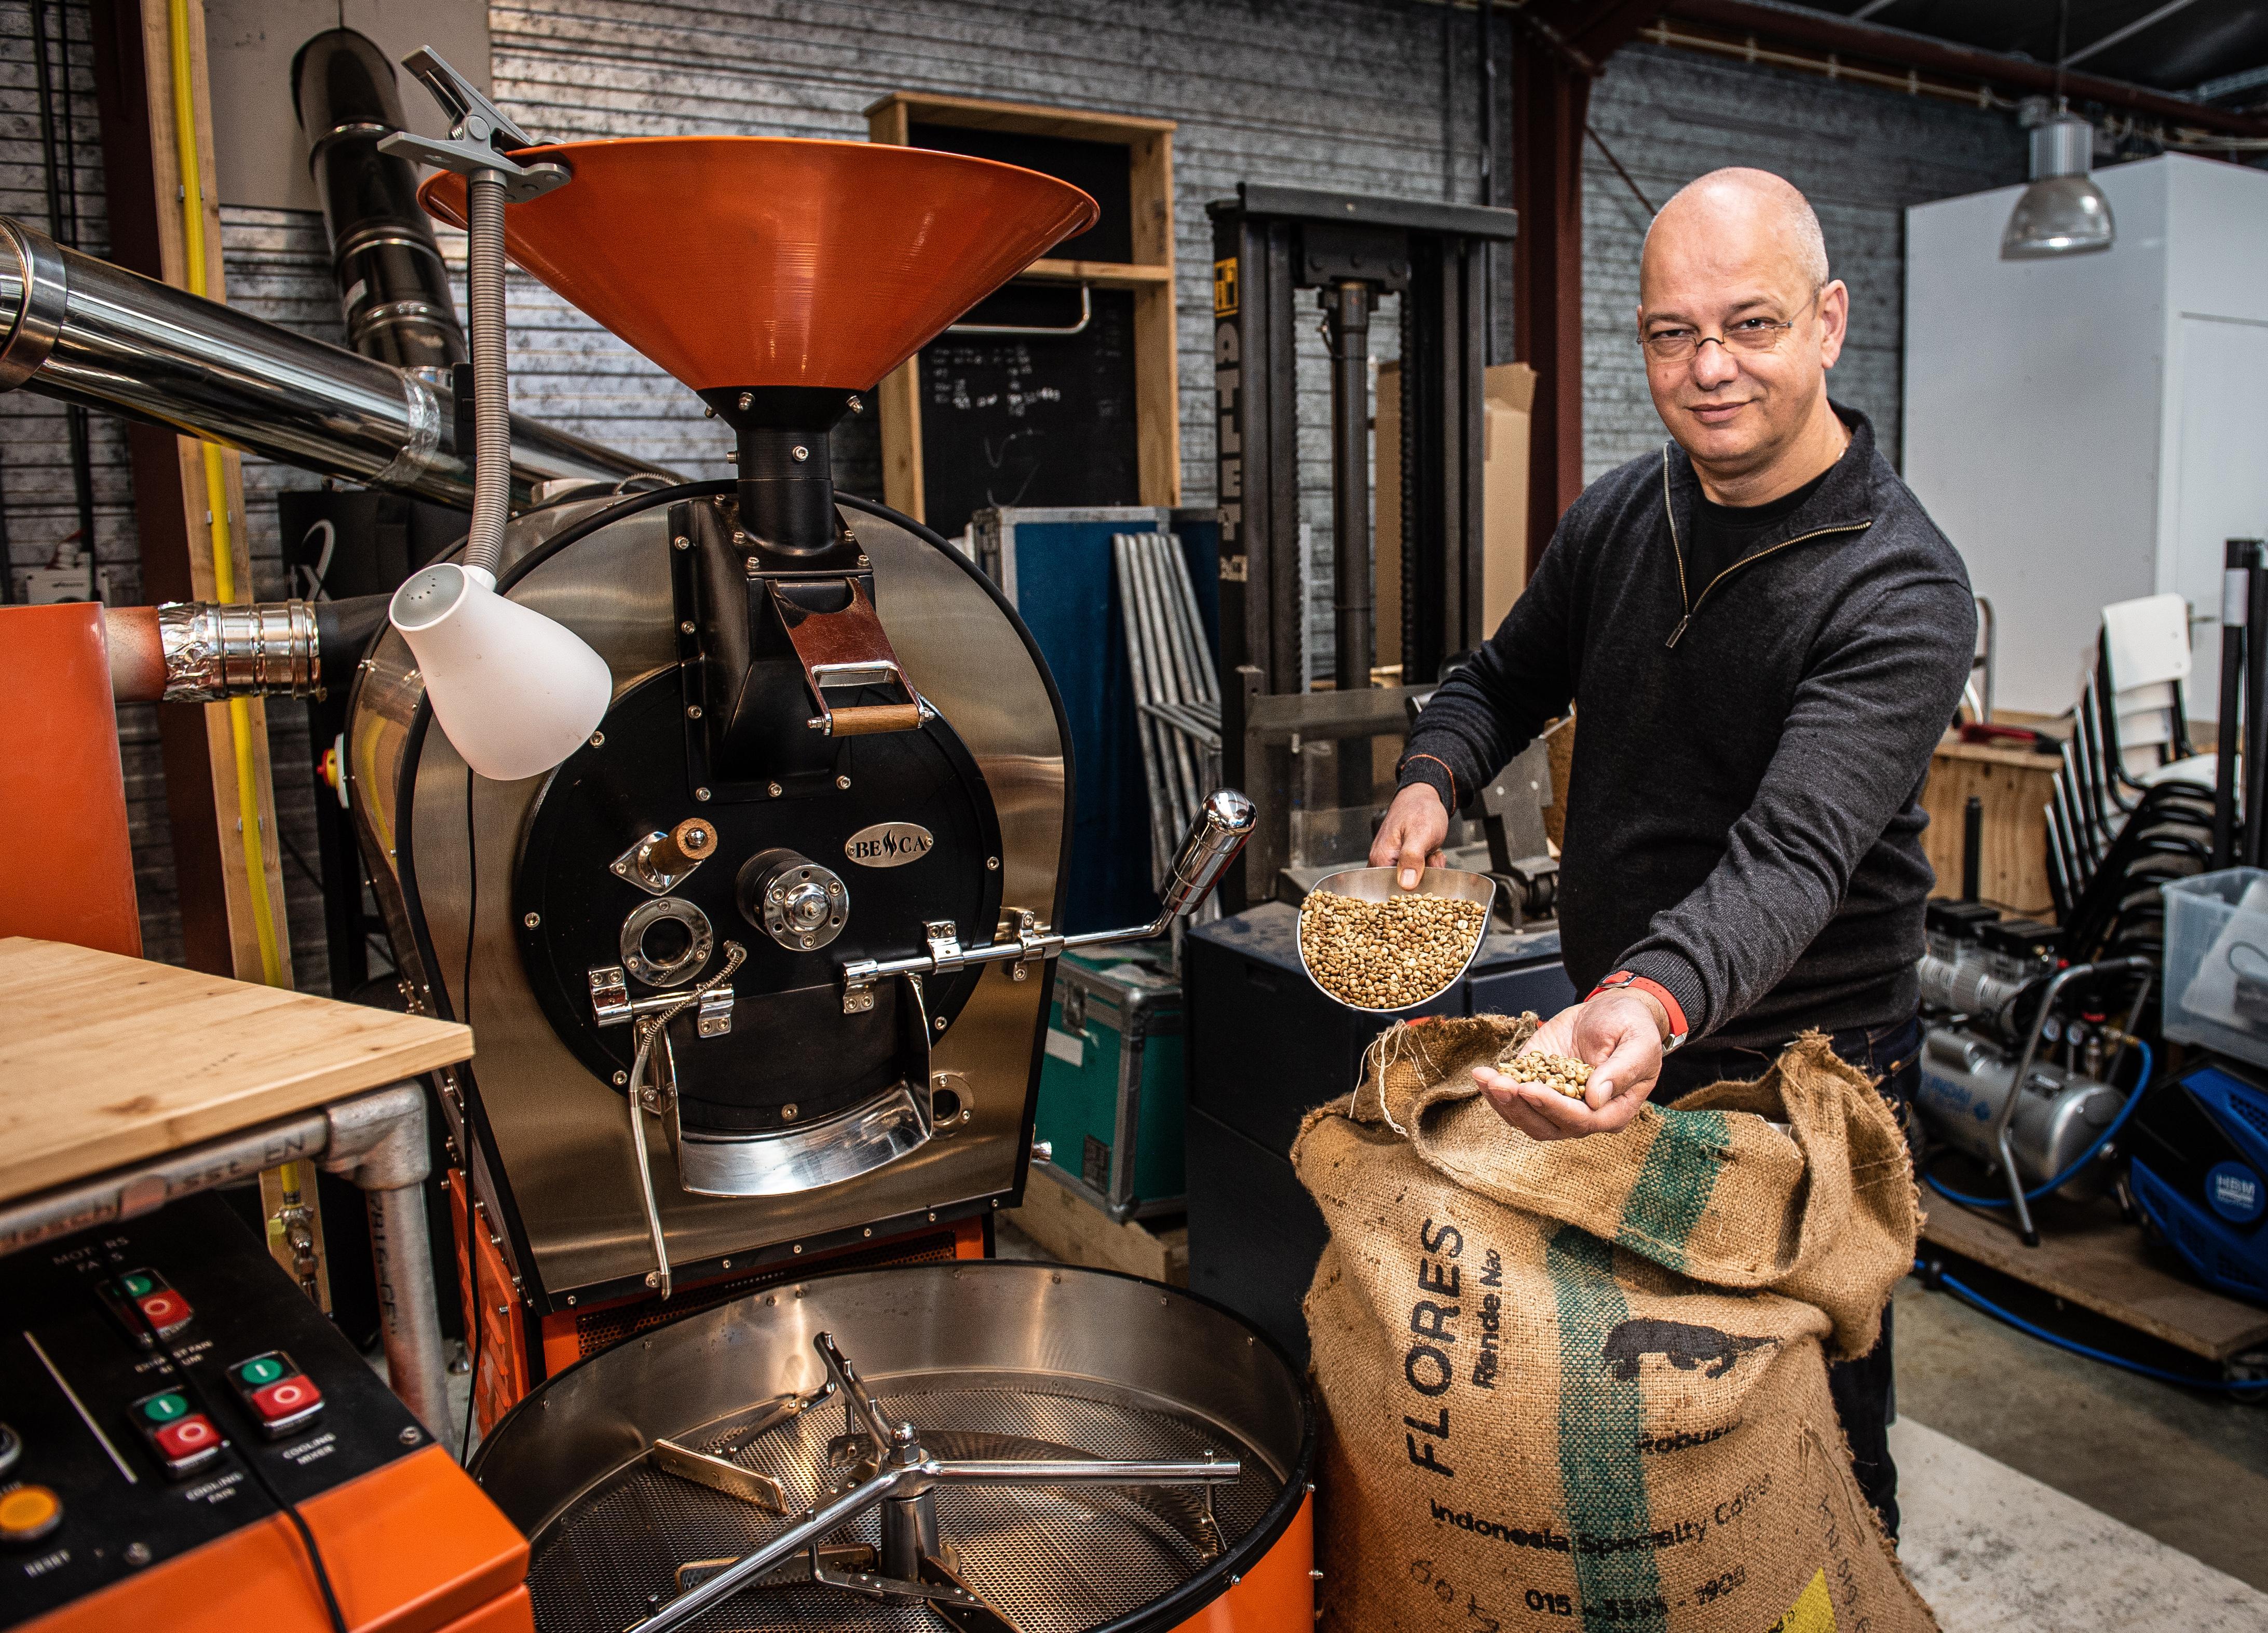 (H)eerlijk bakkie koffie. Hoofddorpse koffiebrander Dave van Eif: 'Ik wil verder gaan dan fairtrade'